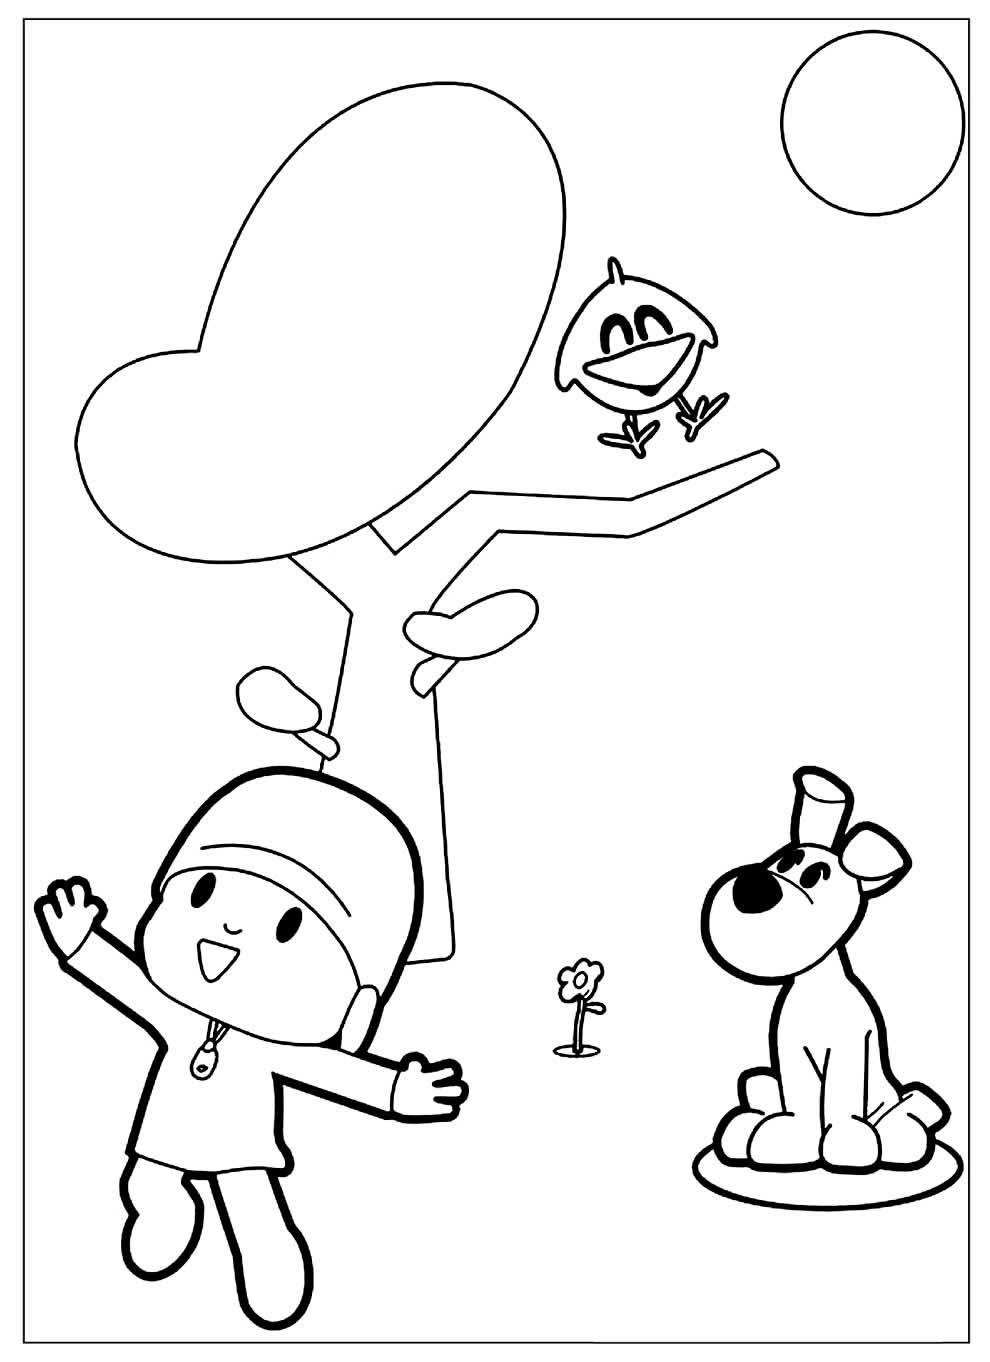 Imagens para colorir de Pocoyo